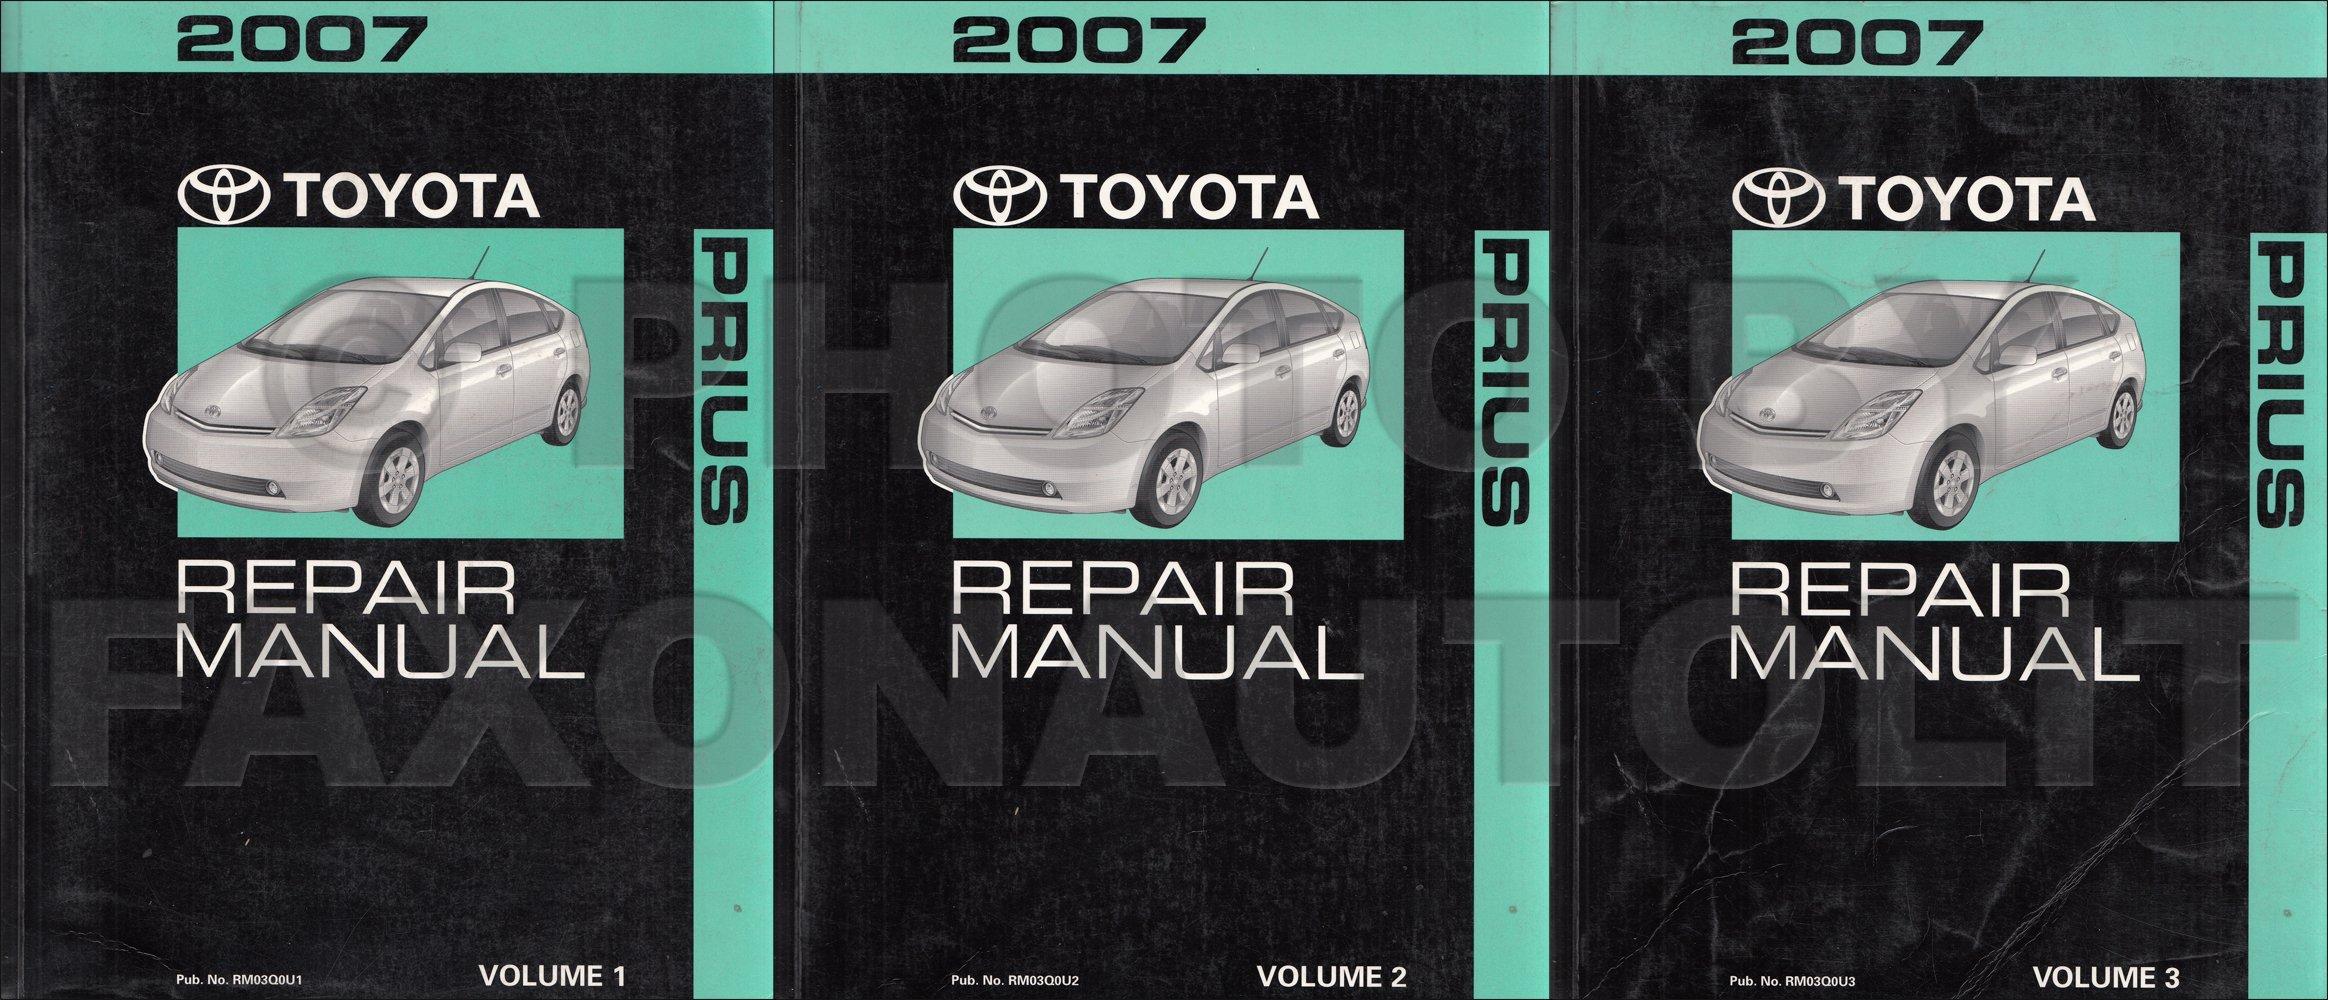 2007 Toyota Prius Repair Shop Manual Original 3 Vol. Set: Toyota:  Amazon.com: Books